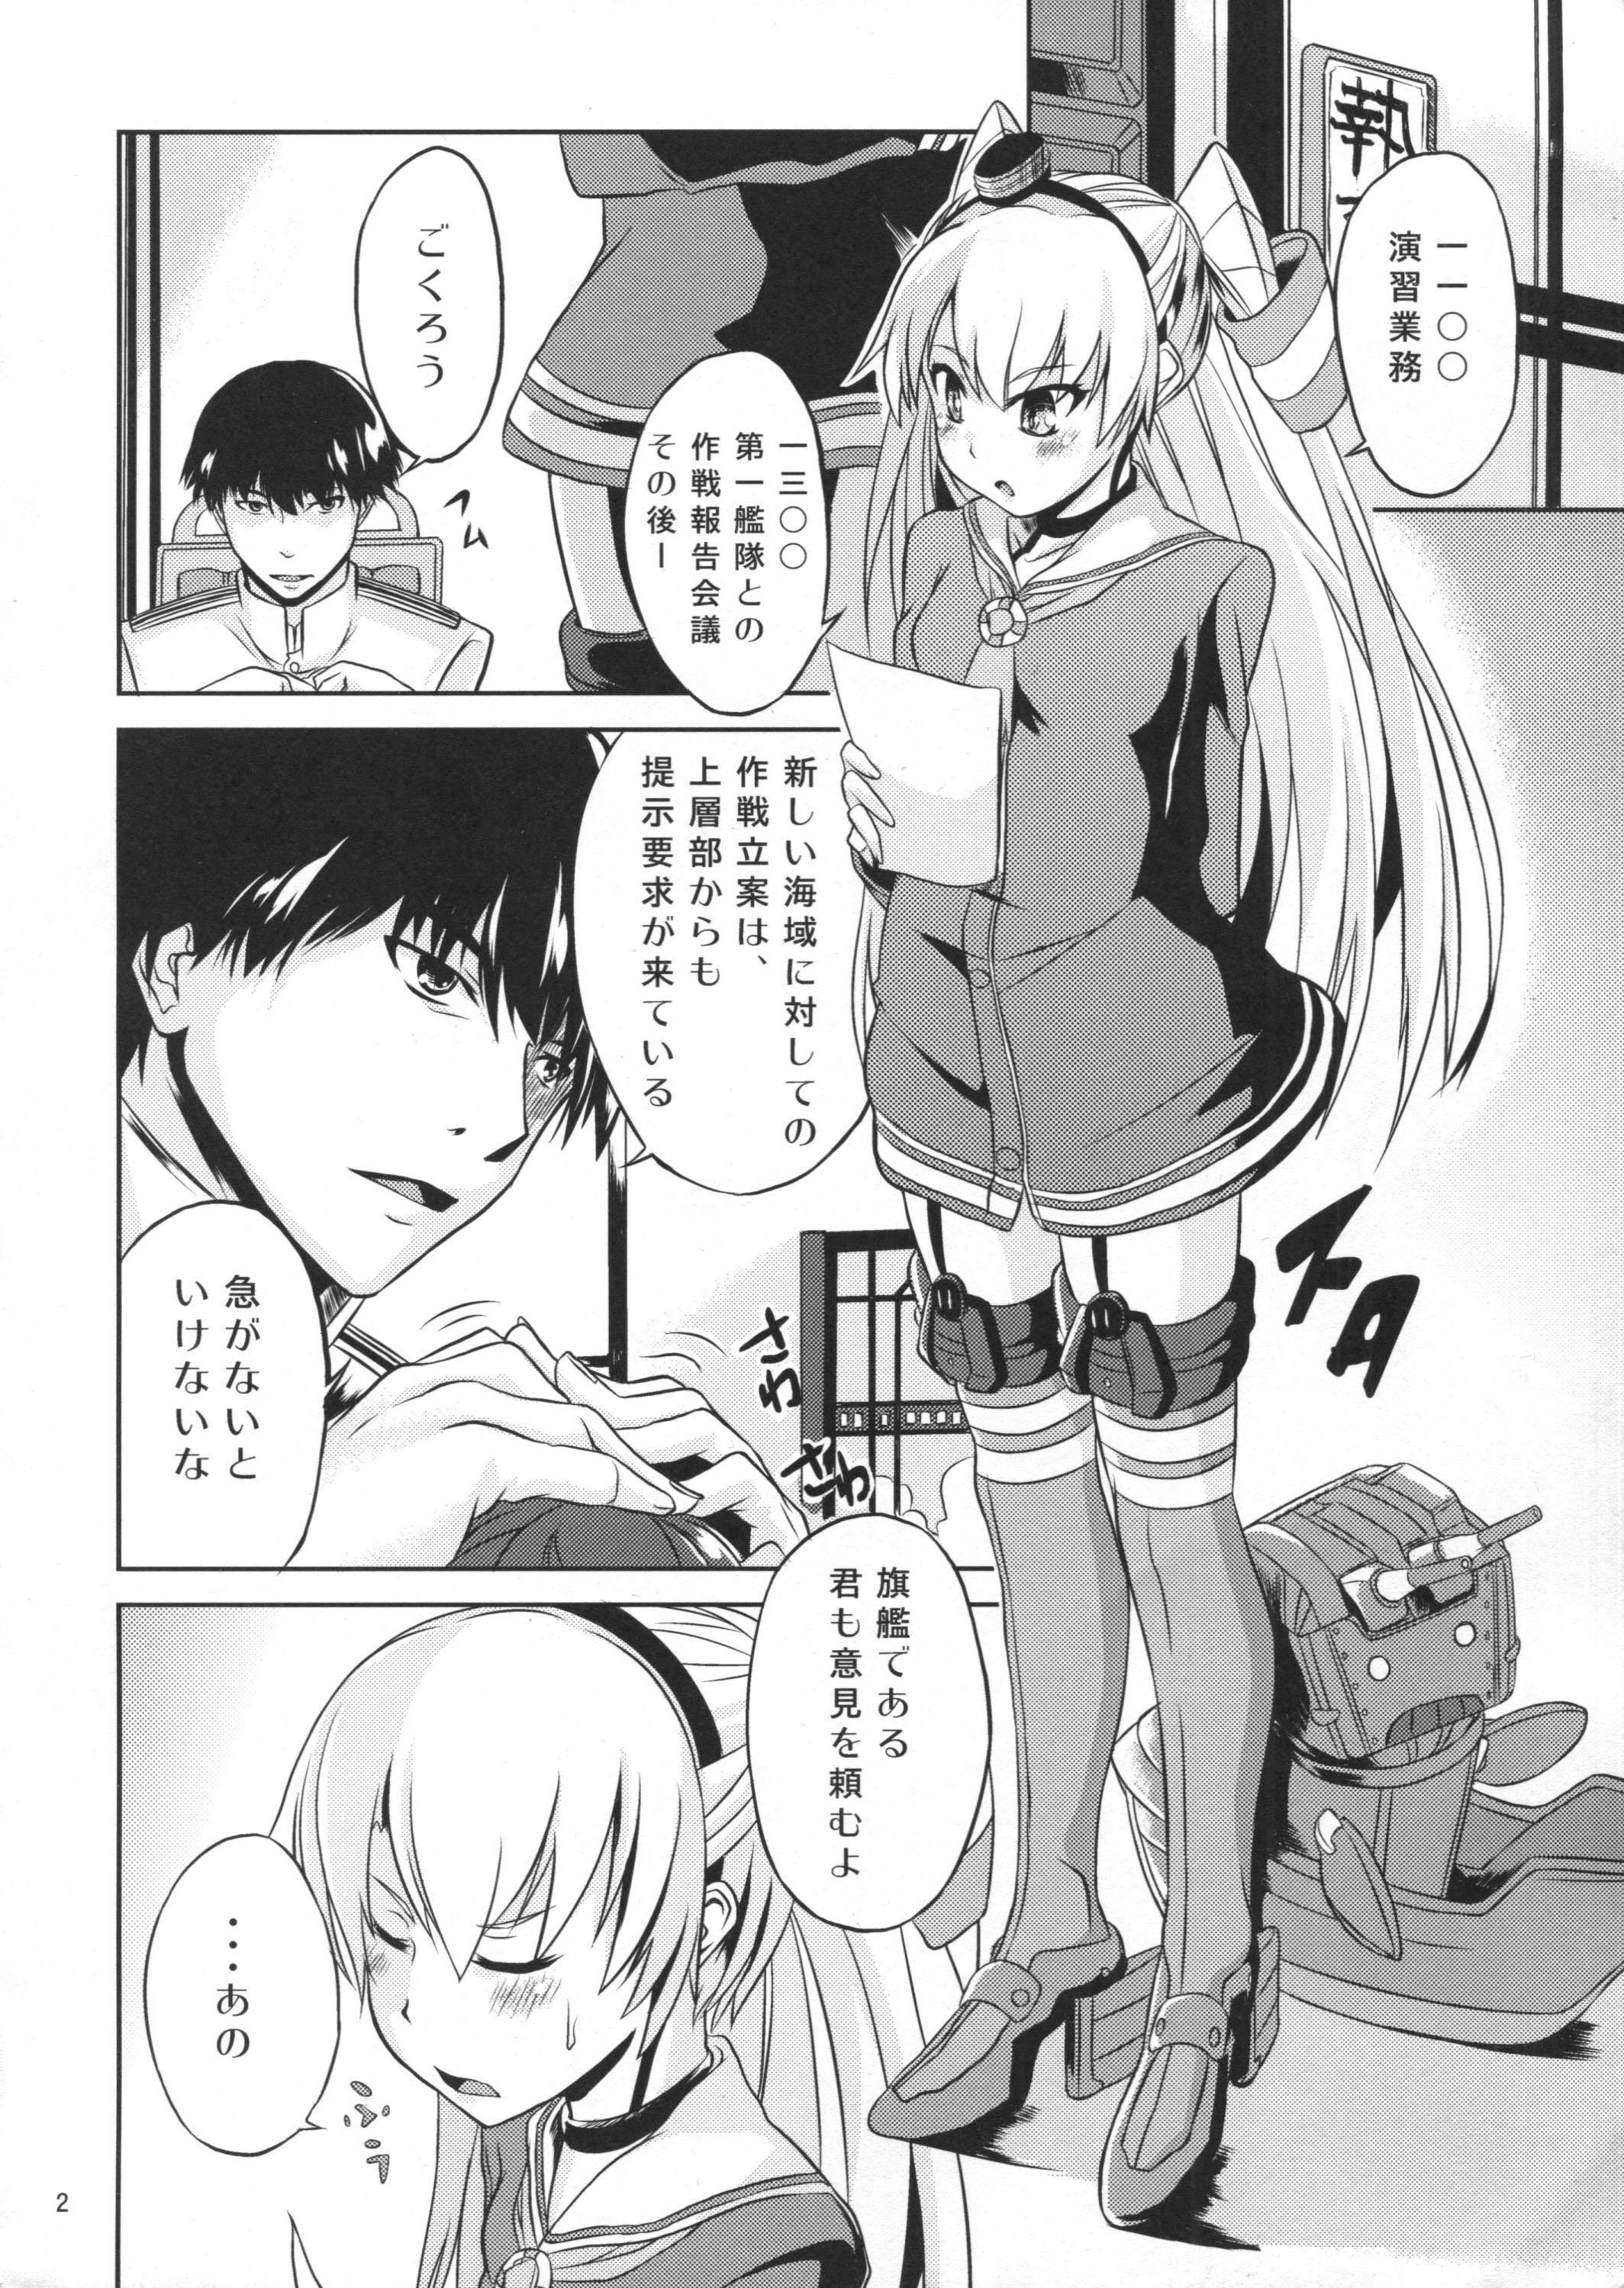 Teitoku wa Dekiru Hentai 2